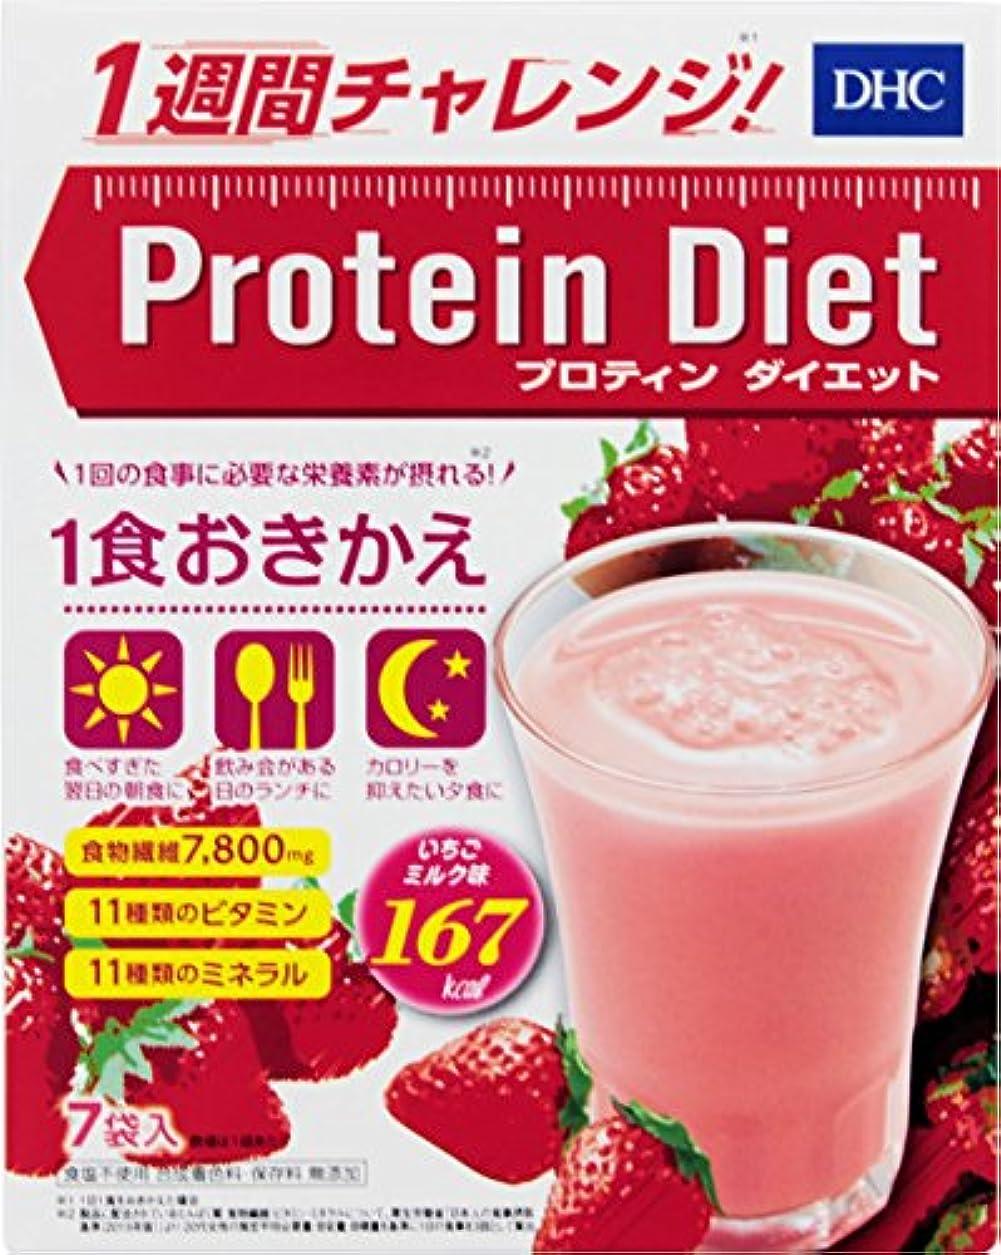 ラフト思春期の僕のDHC プロティンダイエット いちごミルク味 7袋入